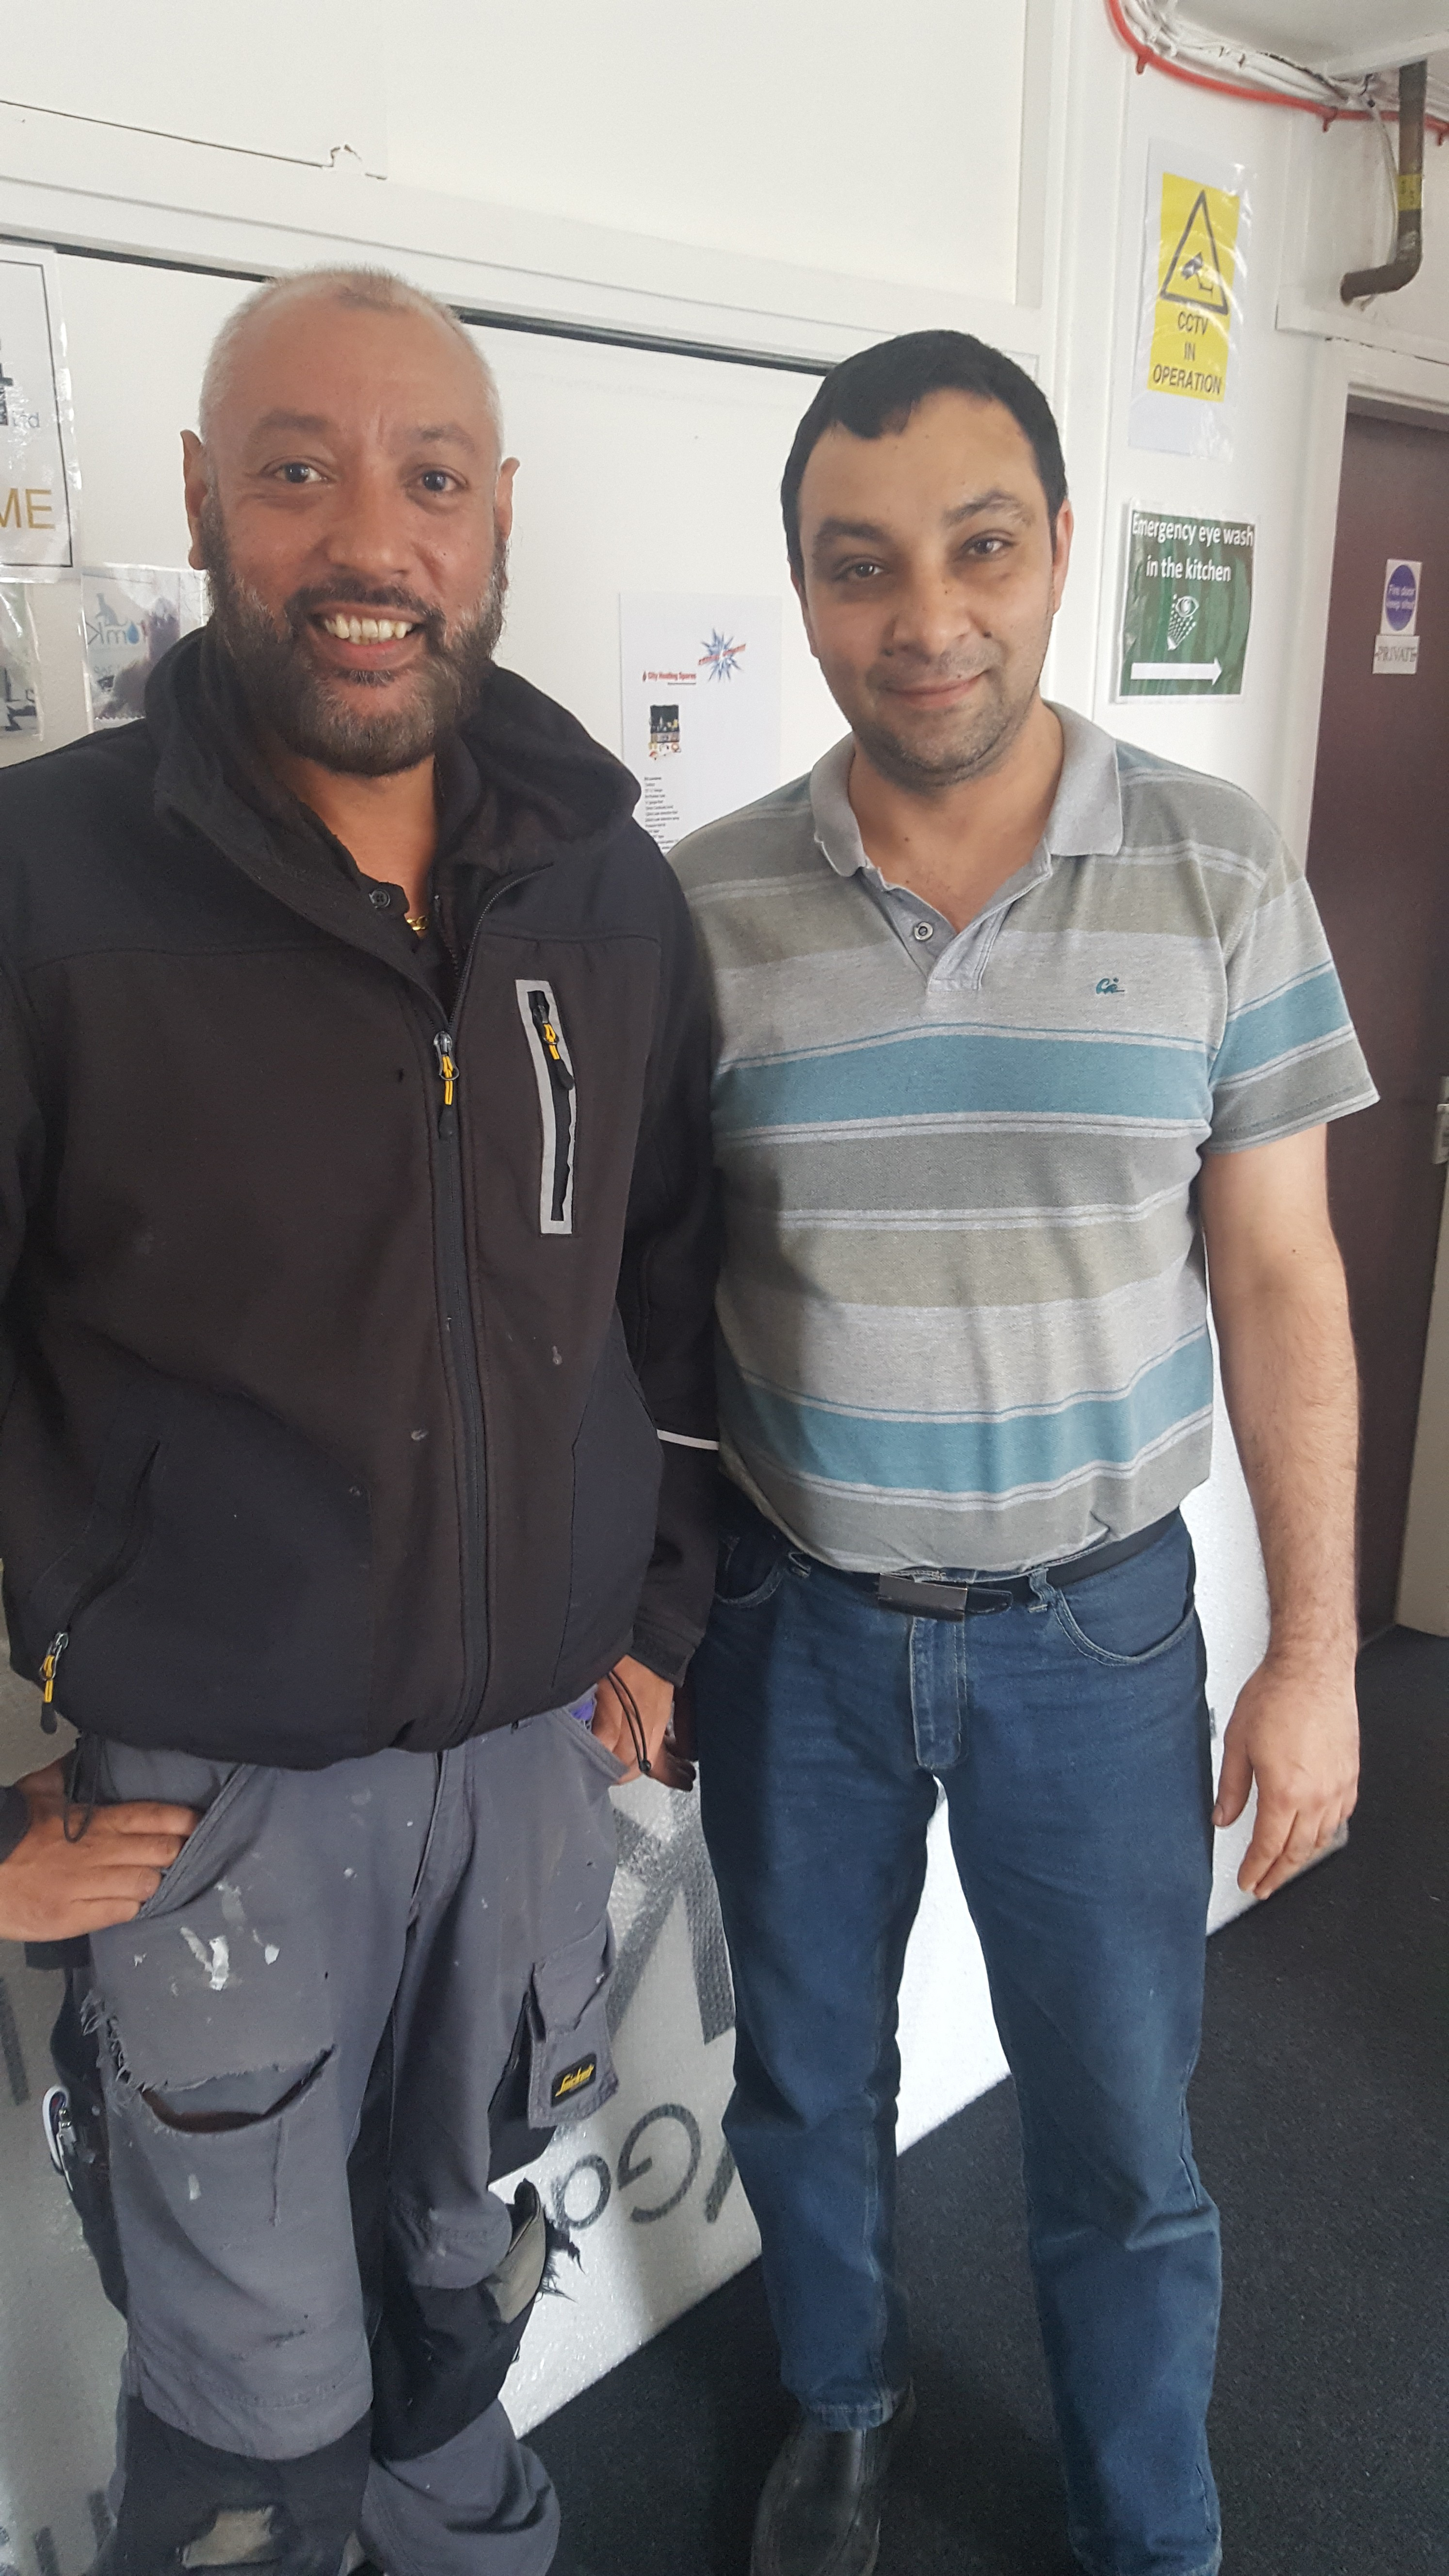 Sanjay and Farid